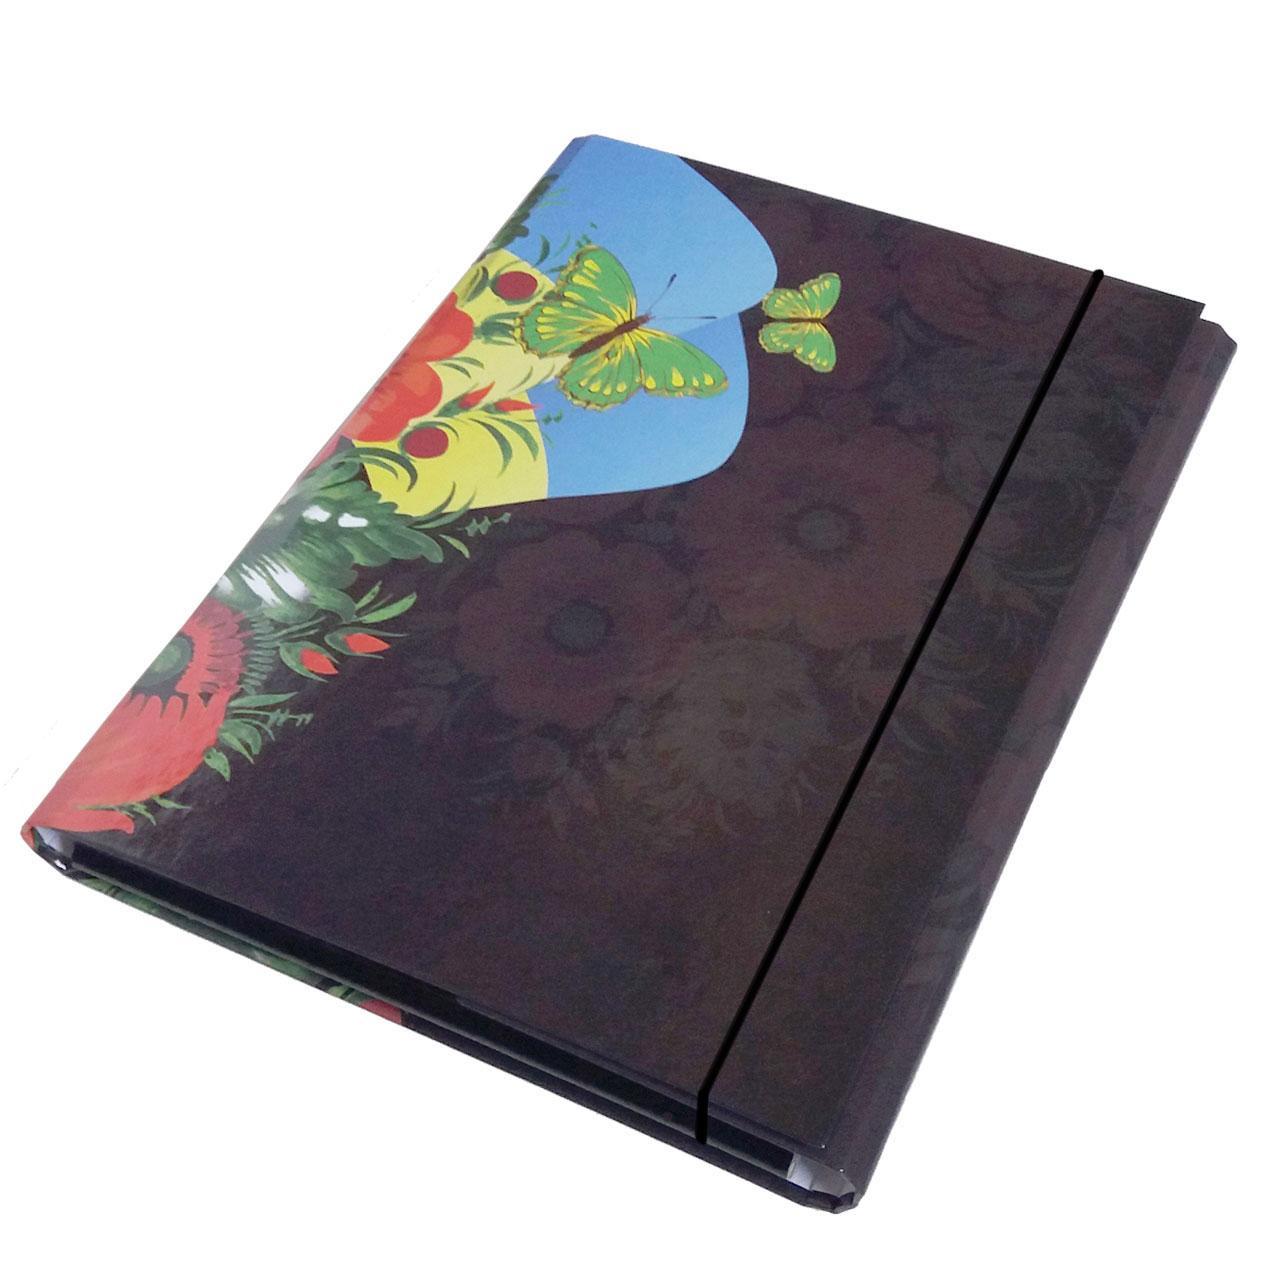 Папка-короб на резинке, А4, 25 мм, полноцветная, PP-покрытие